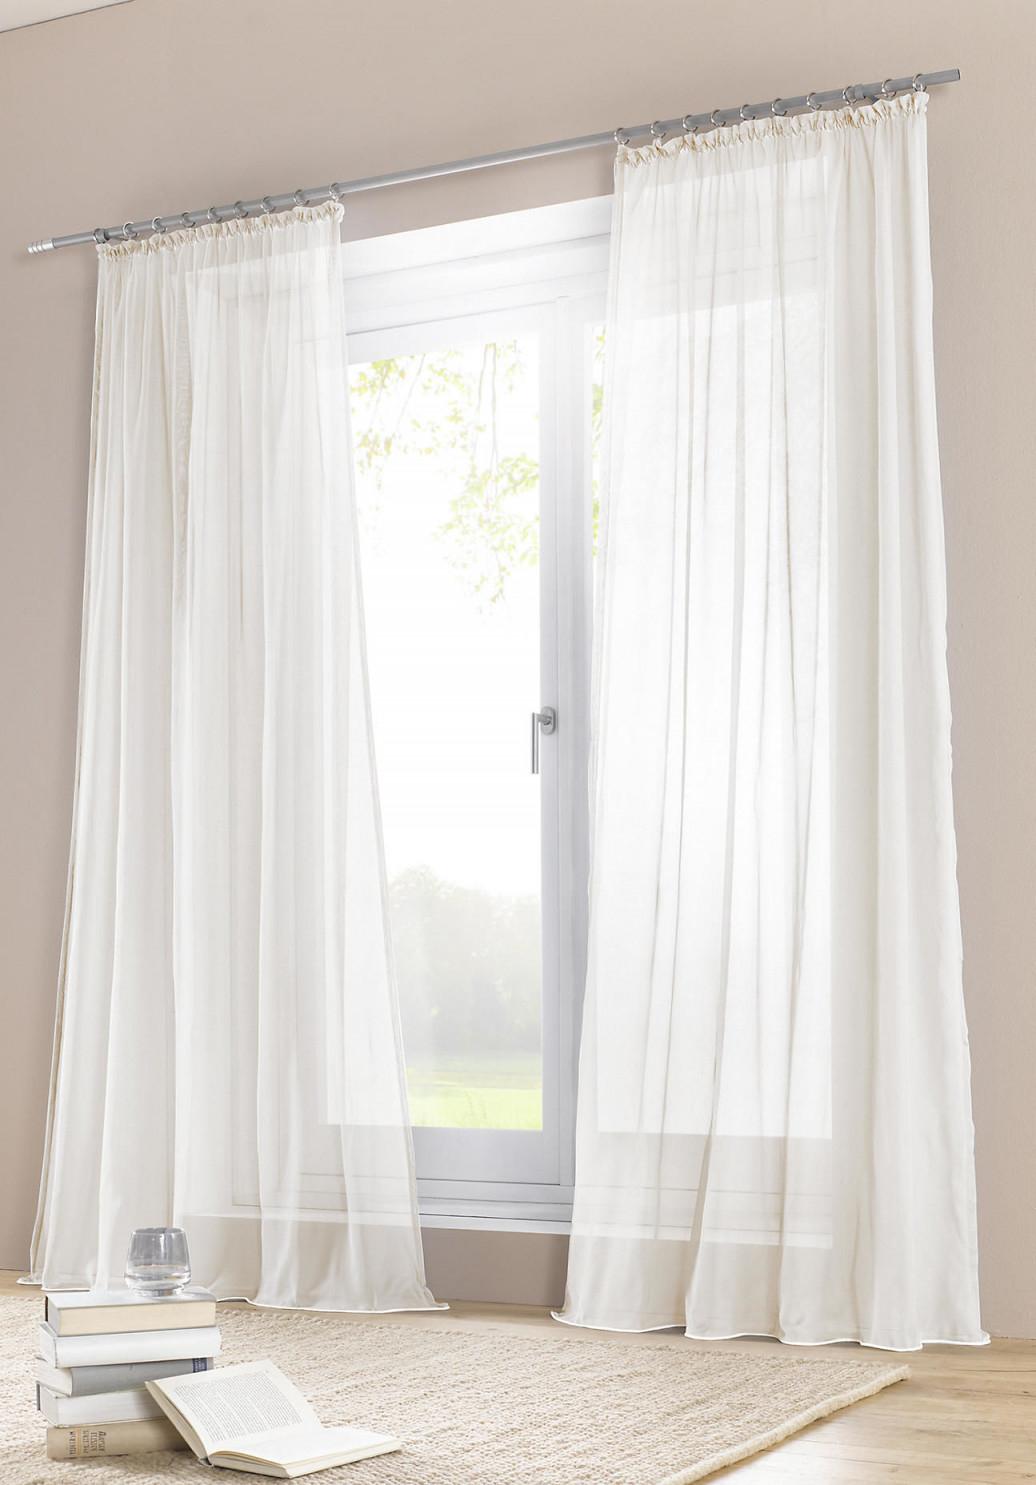 Die Schönsten Ideen Für Vorhänge  Gardinen von Ideen Für Gardinen Im Wohnzimmer Photo